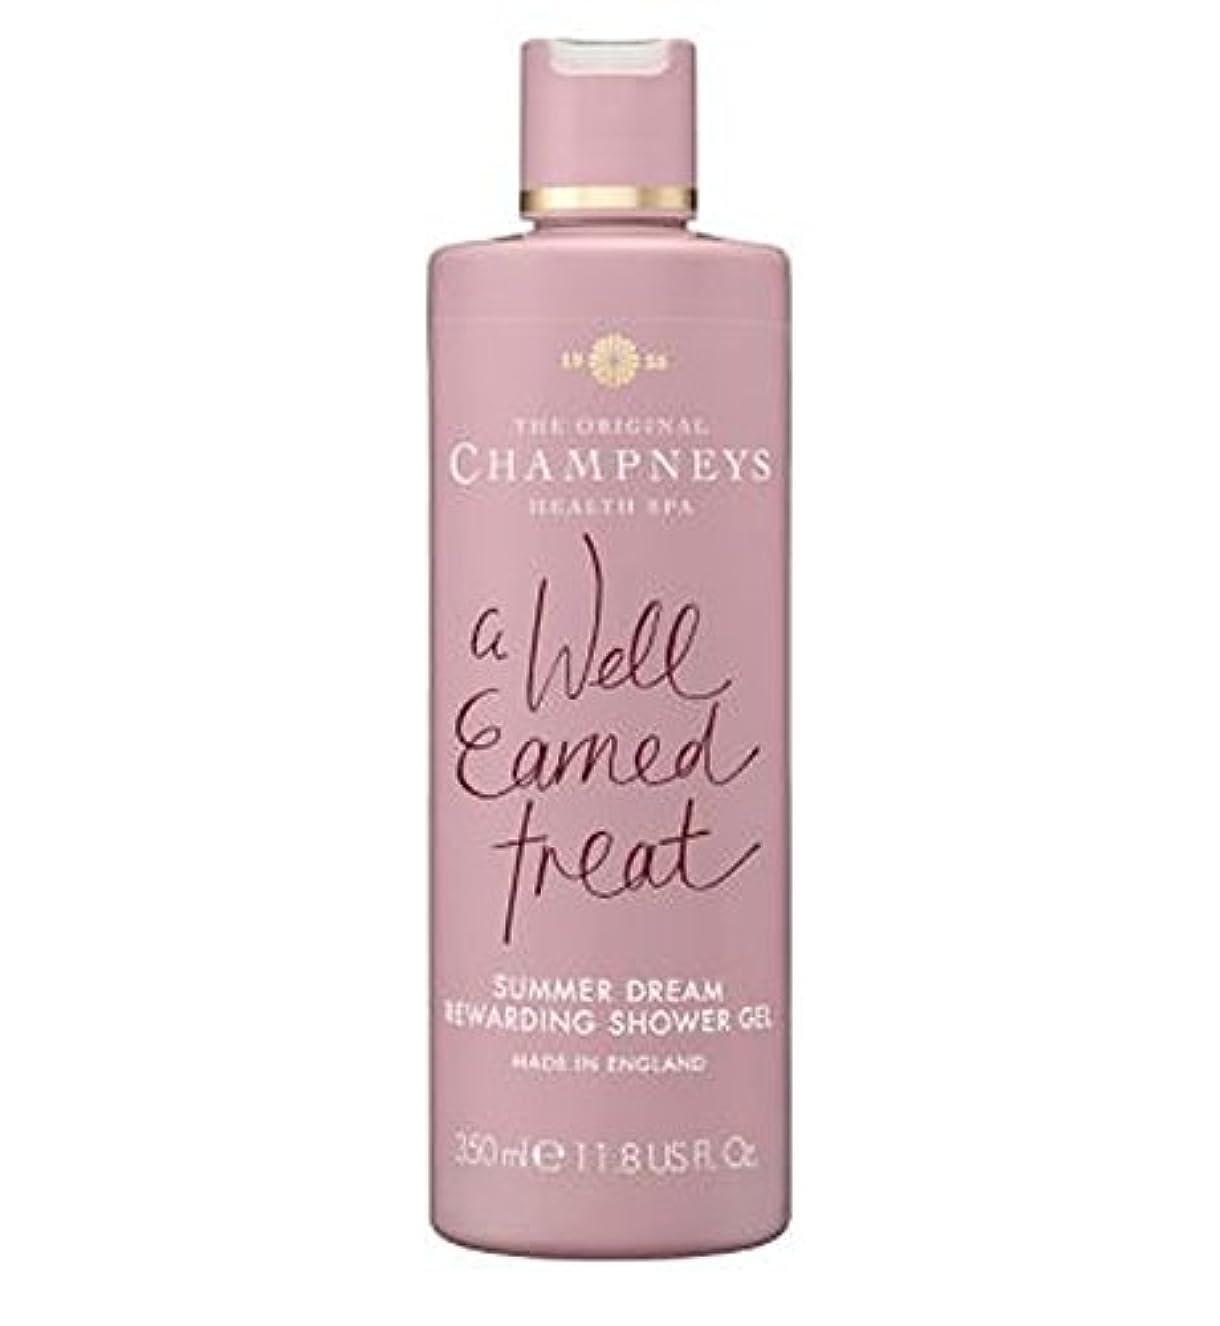 クリーナー洪水ウナギチャンプニーズの夏の夢やりがいのシャワージェル350ミリリットル (Champneys) (x2) - Champneys Summer Dream Rewarding Shower Gel 350ml (Pack of...